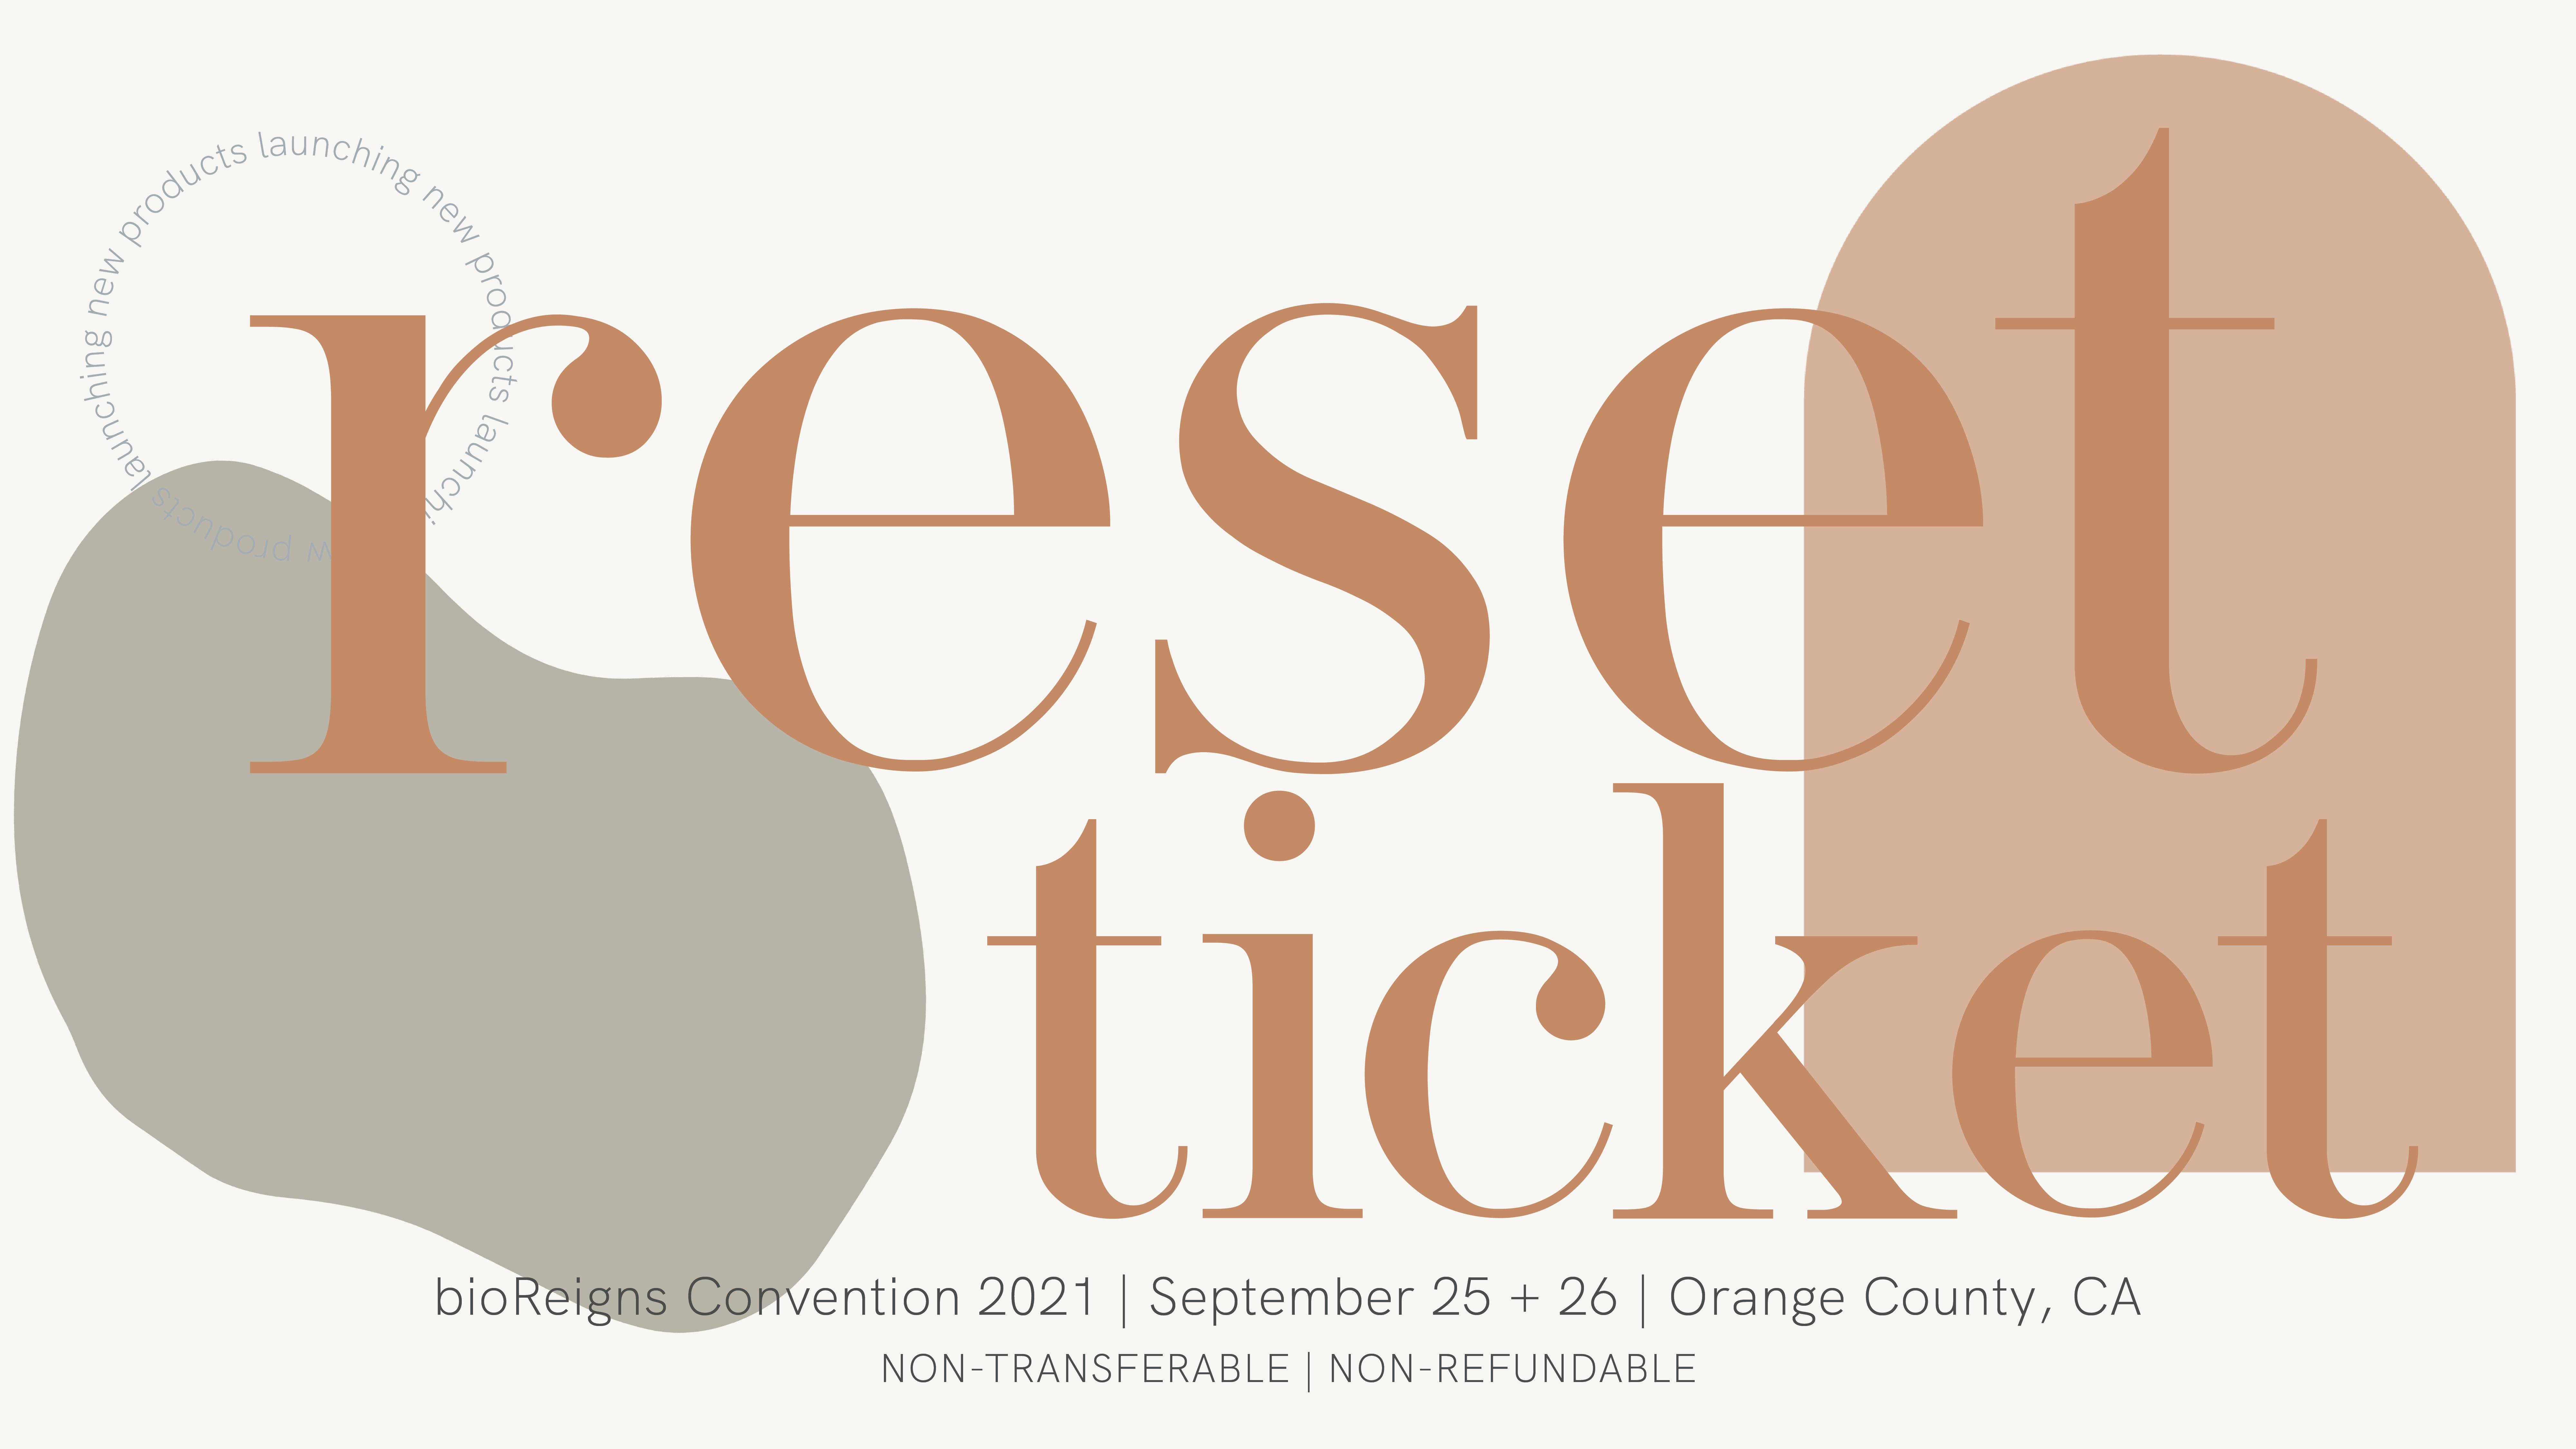 bioReset Convention | 10 pack